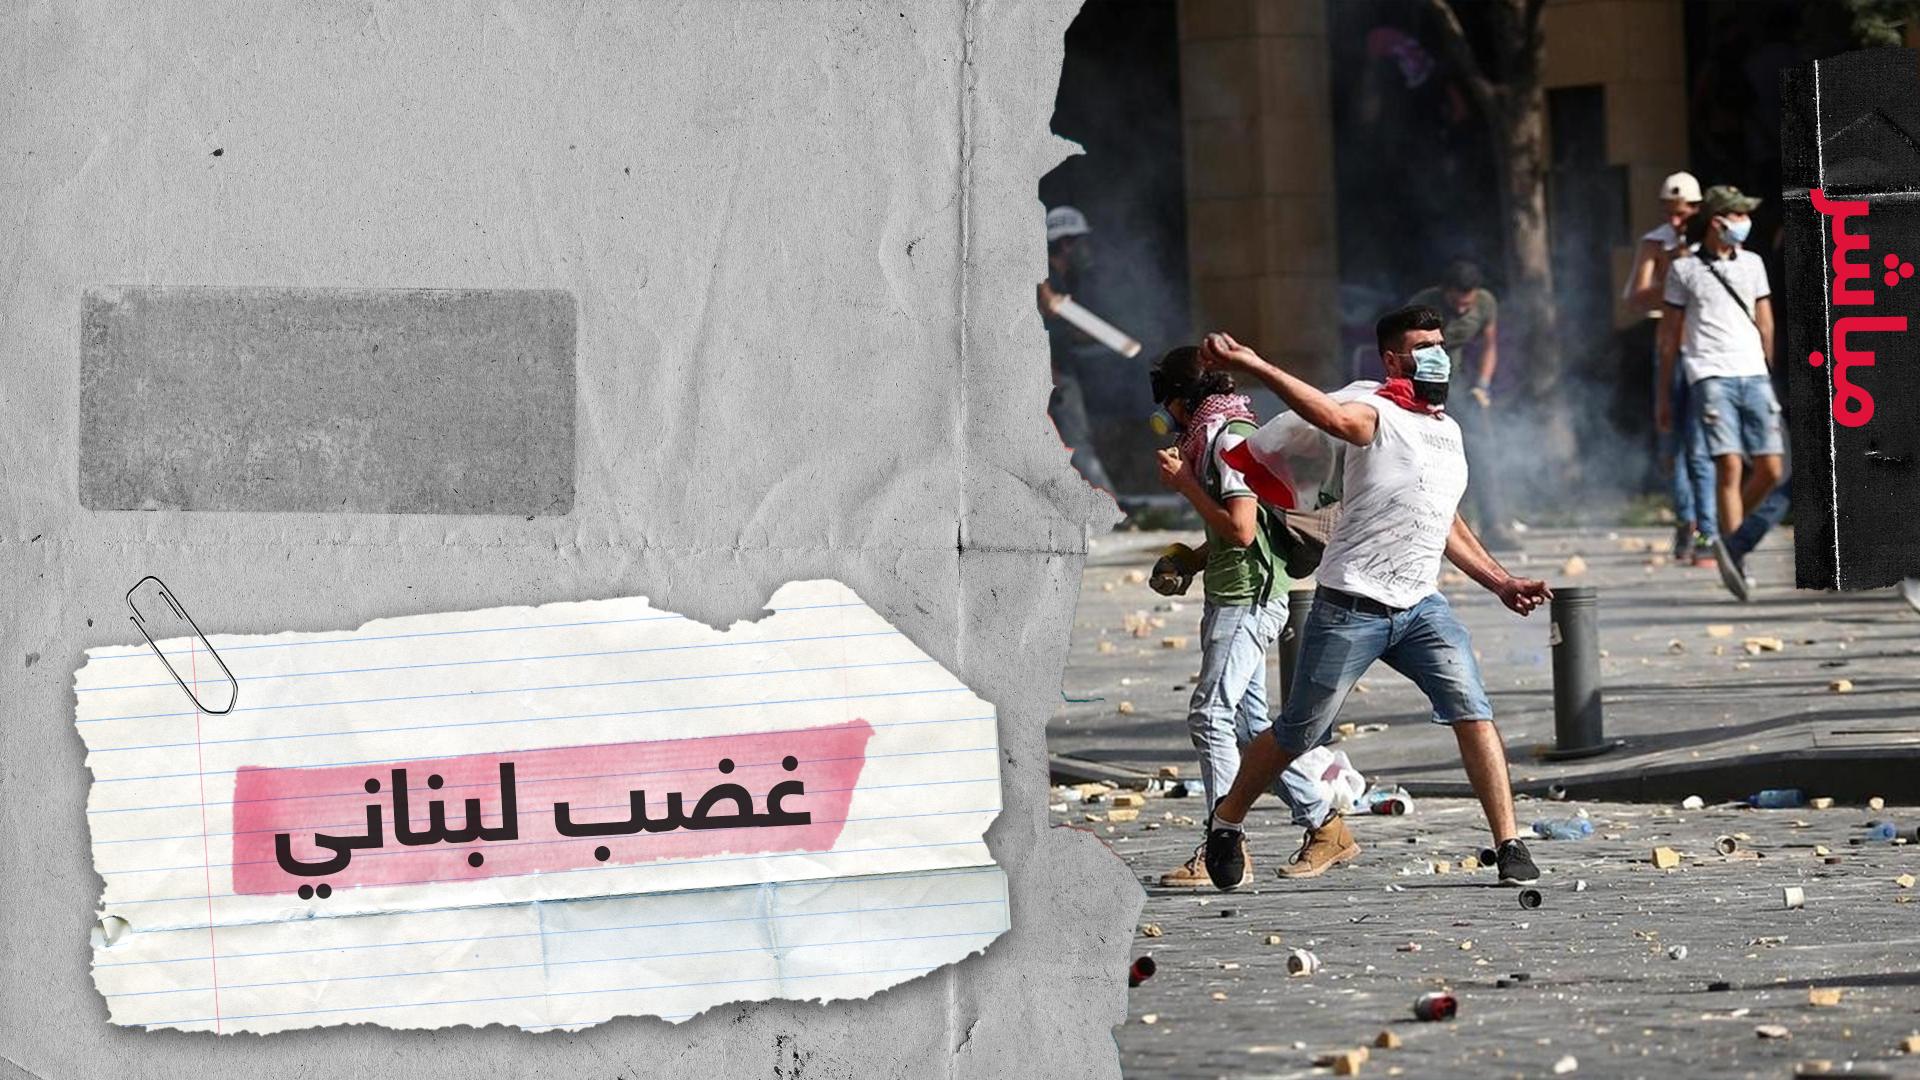 تصاعد التظاهرات والاشتباكات في بيروت وسقوط قتيل في صفوف قوى الأمن